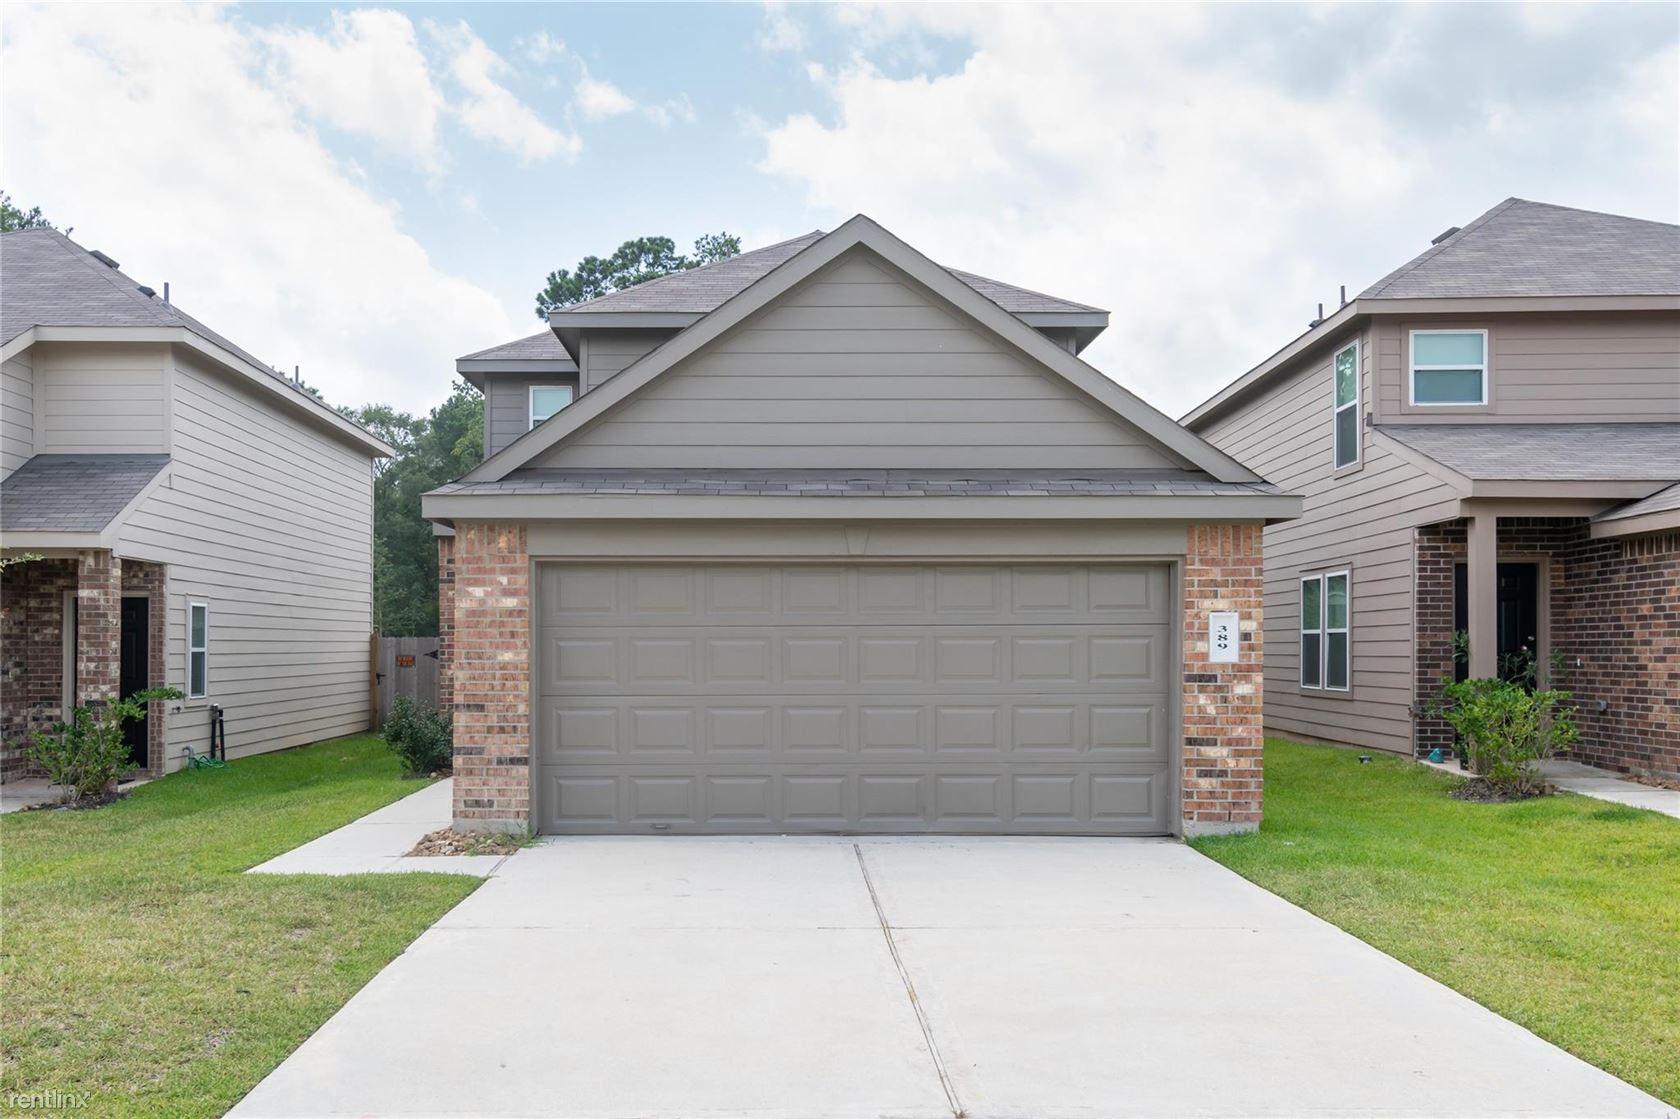 389 N Meadows Dr, Willis, TX - $1,500